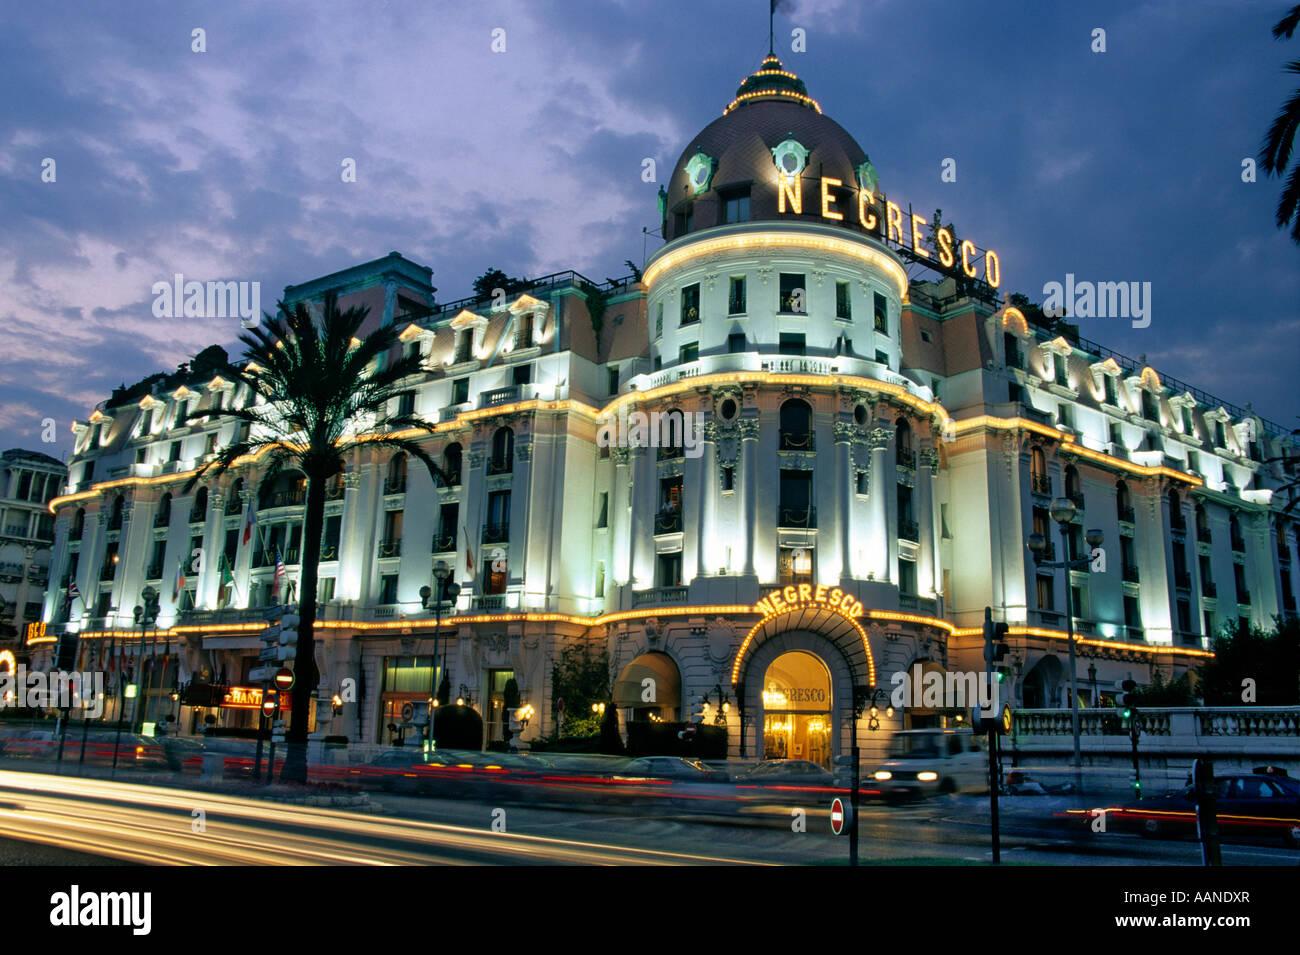 L'Hotel Negresco, Nizza, Europa Immagini Stock